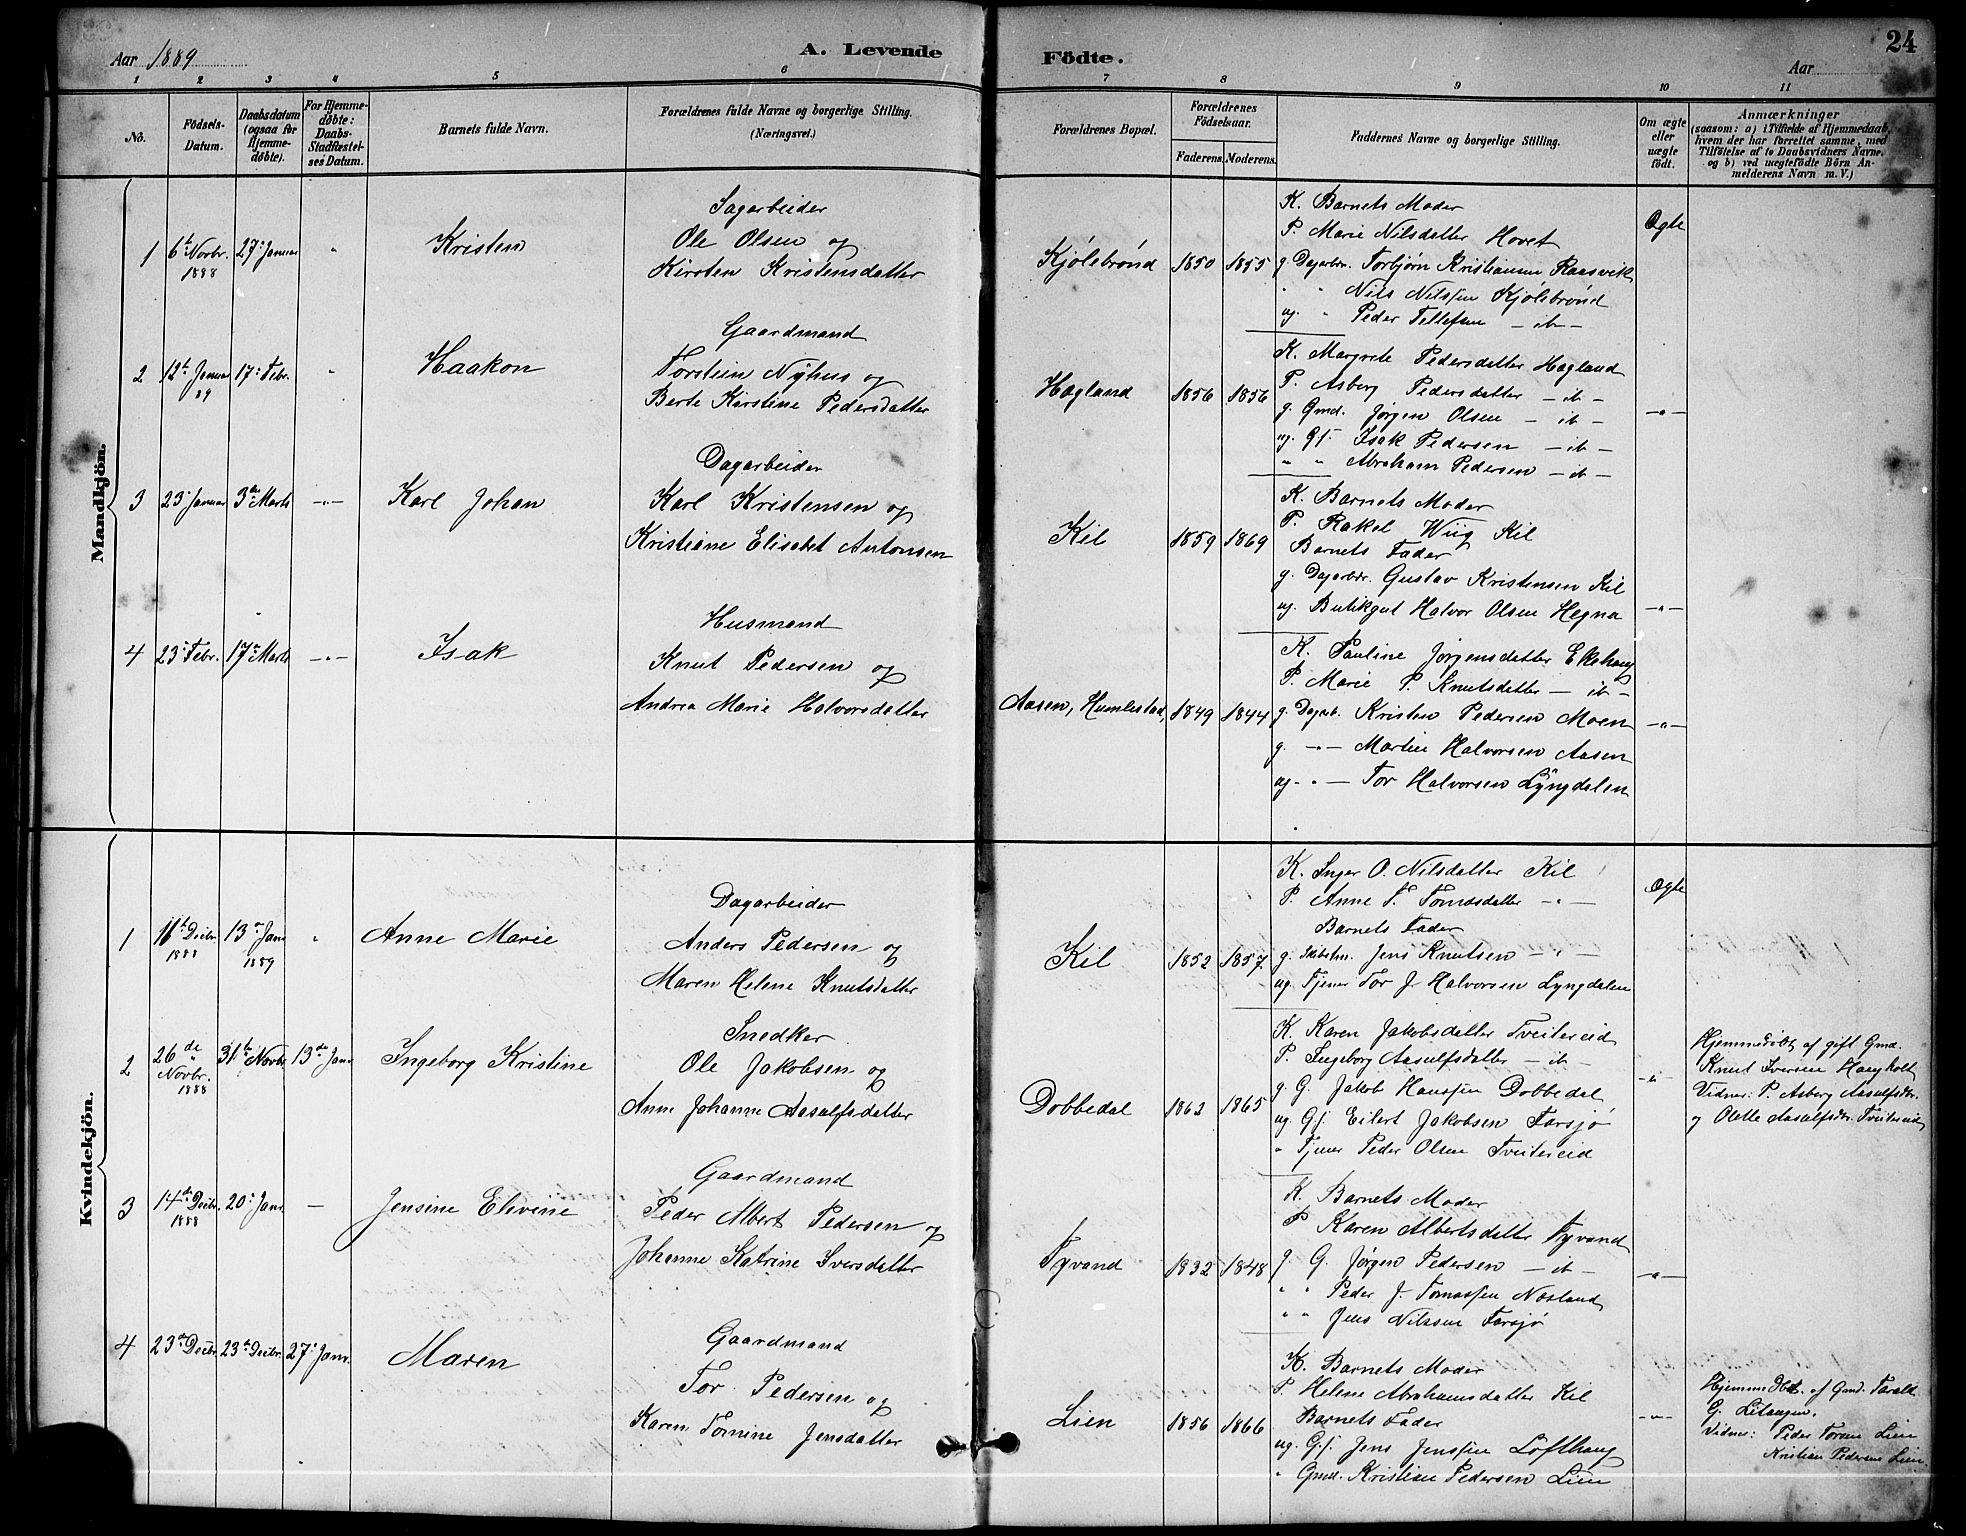 SAKO, Sannidal kirkebøker, G/Ga/L0003: Klokkerbok nr. 3, 1887-1922, s. 24